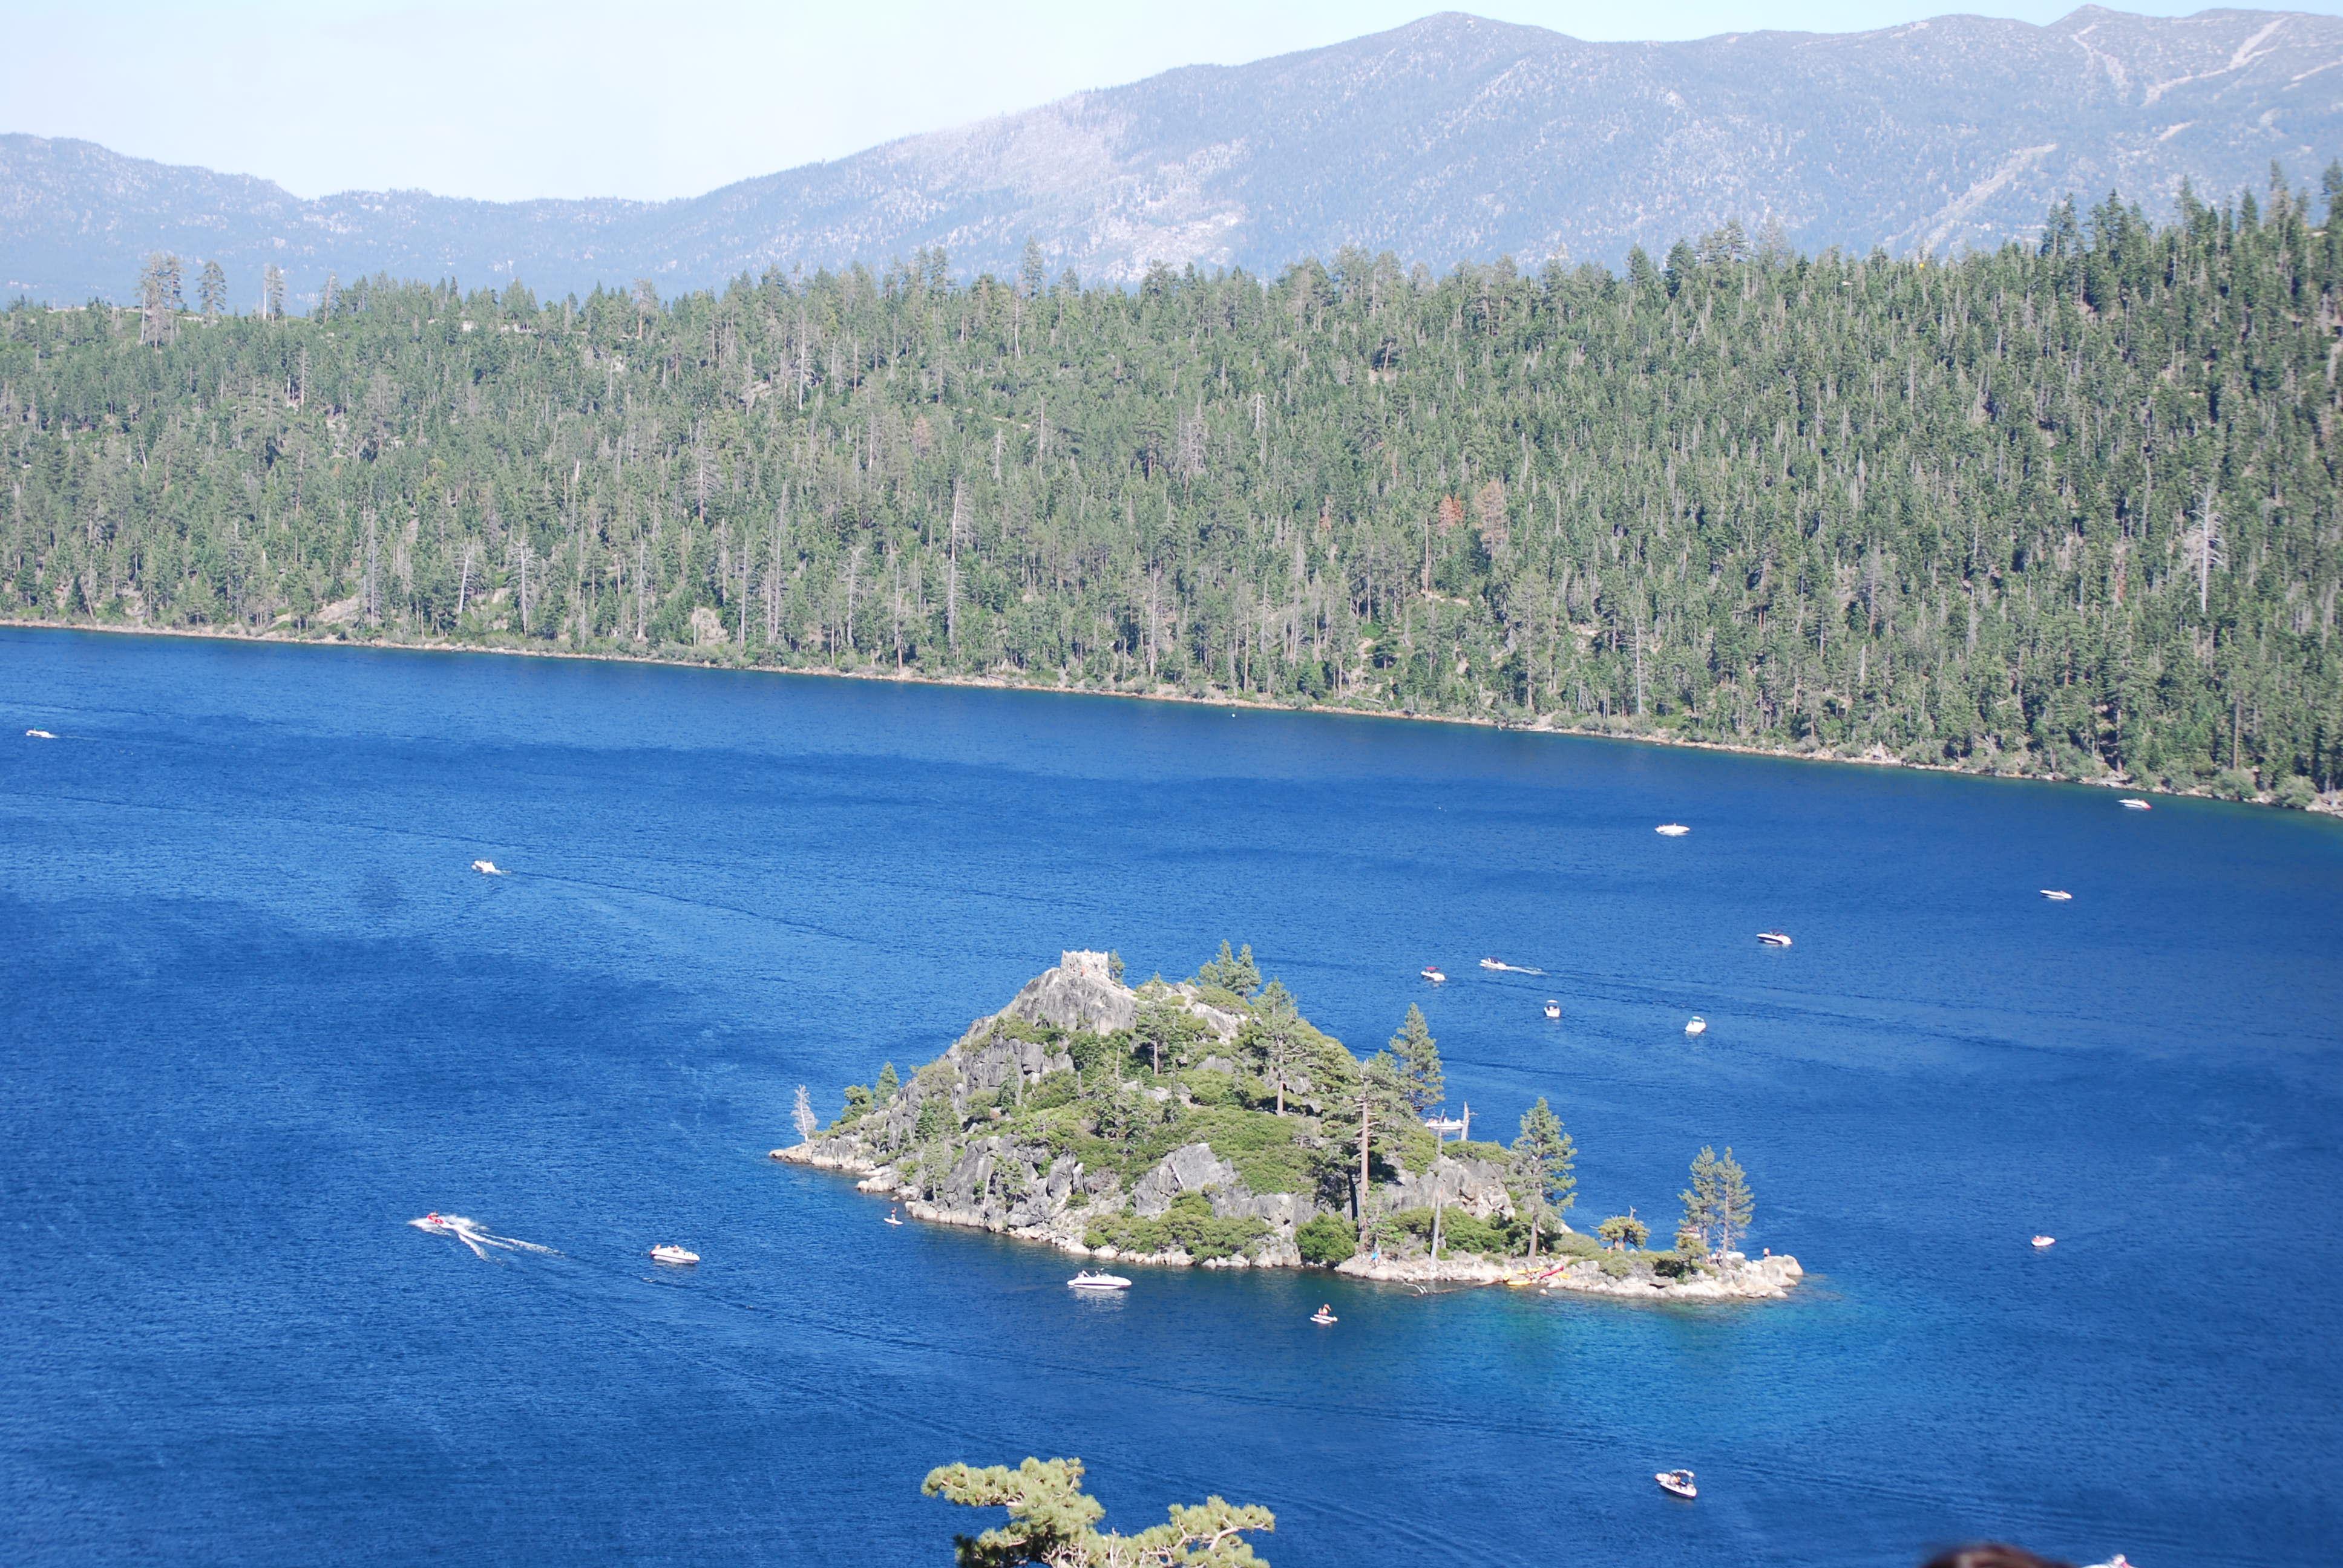 Ảnh 6: Lake Tahoe đẹp như một bức tranh thủy mặc